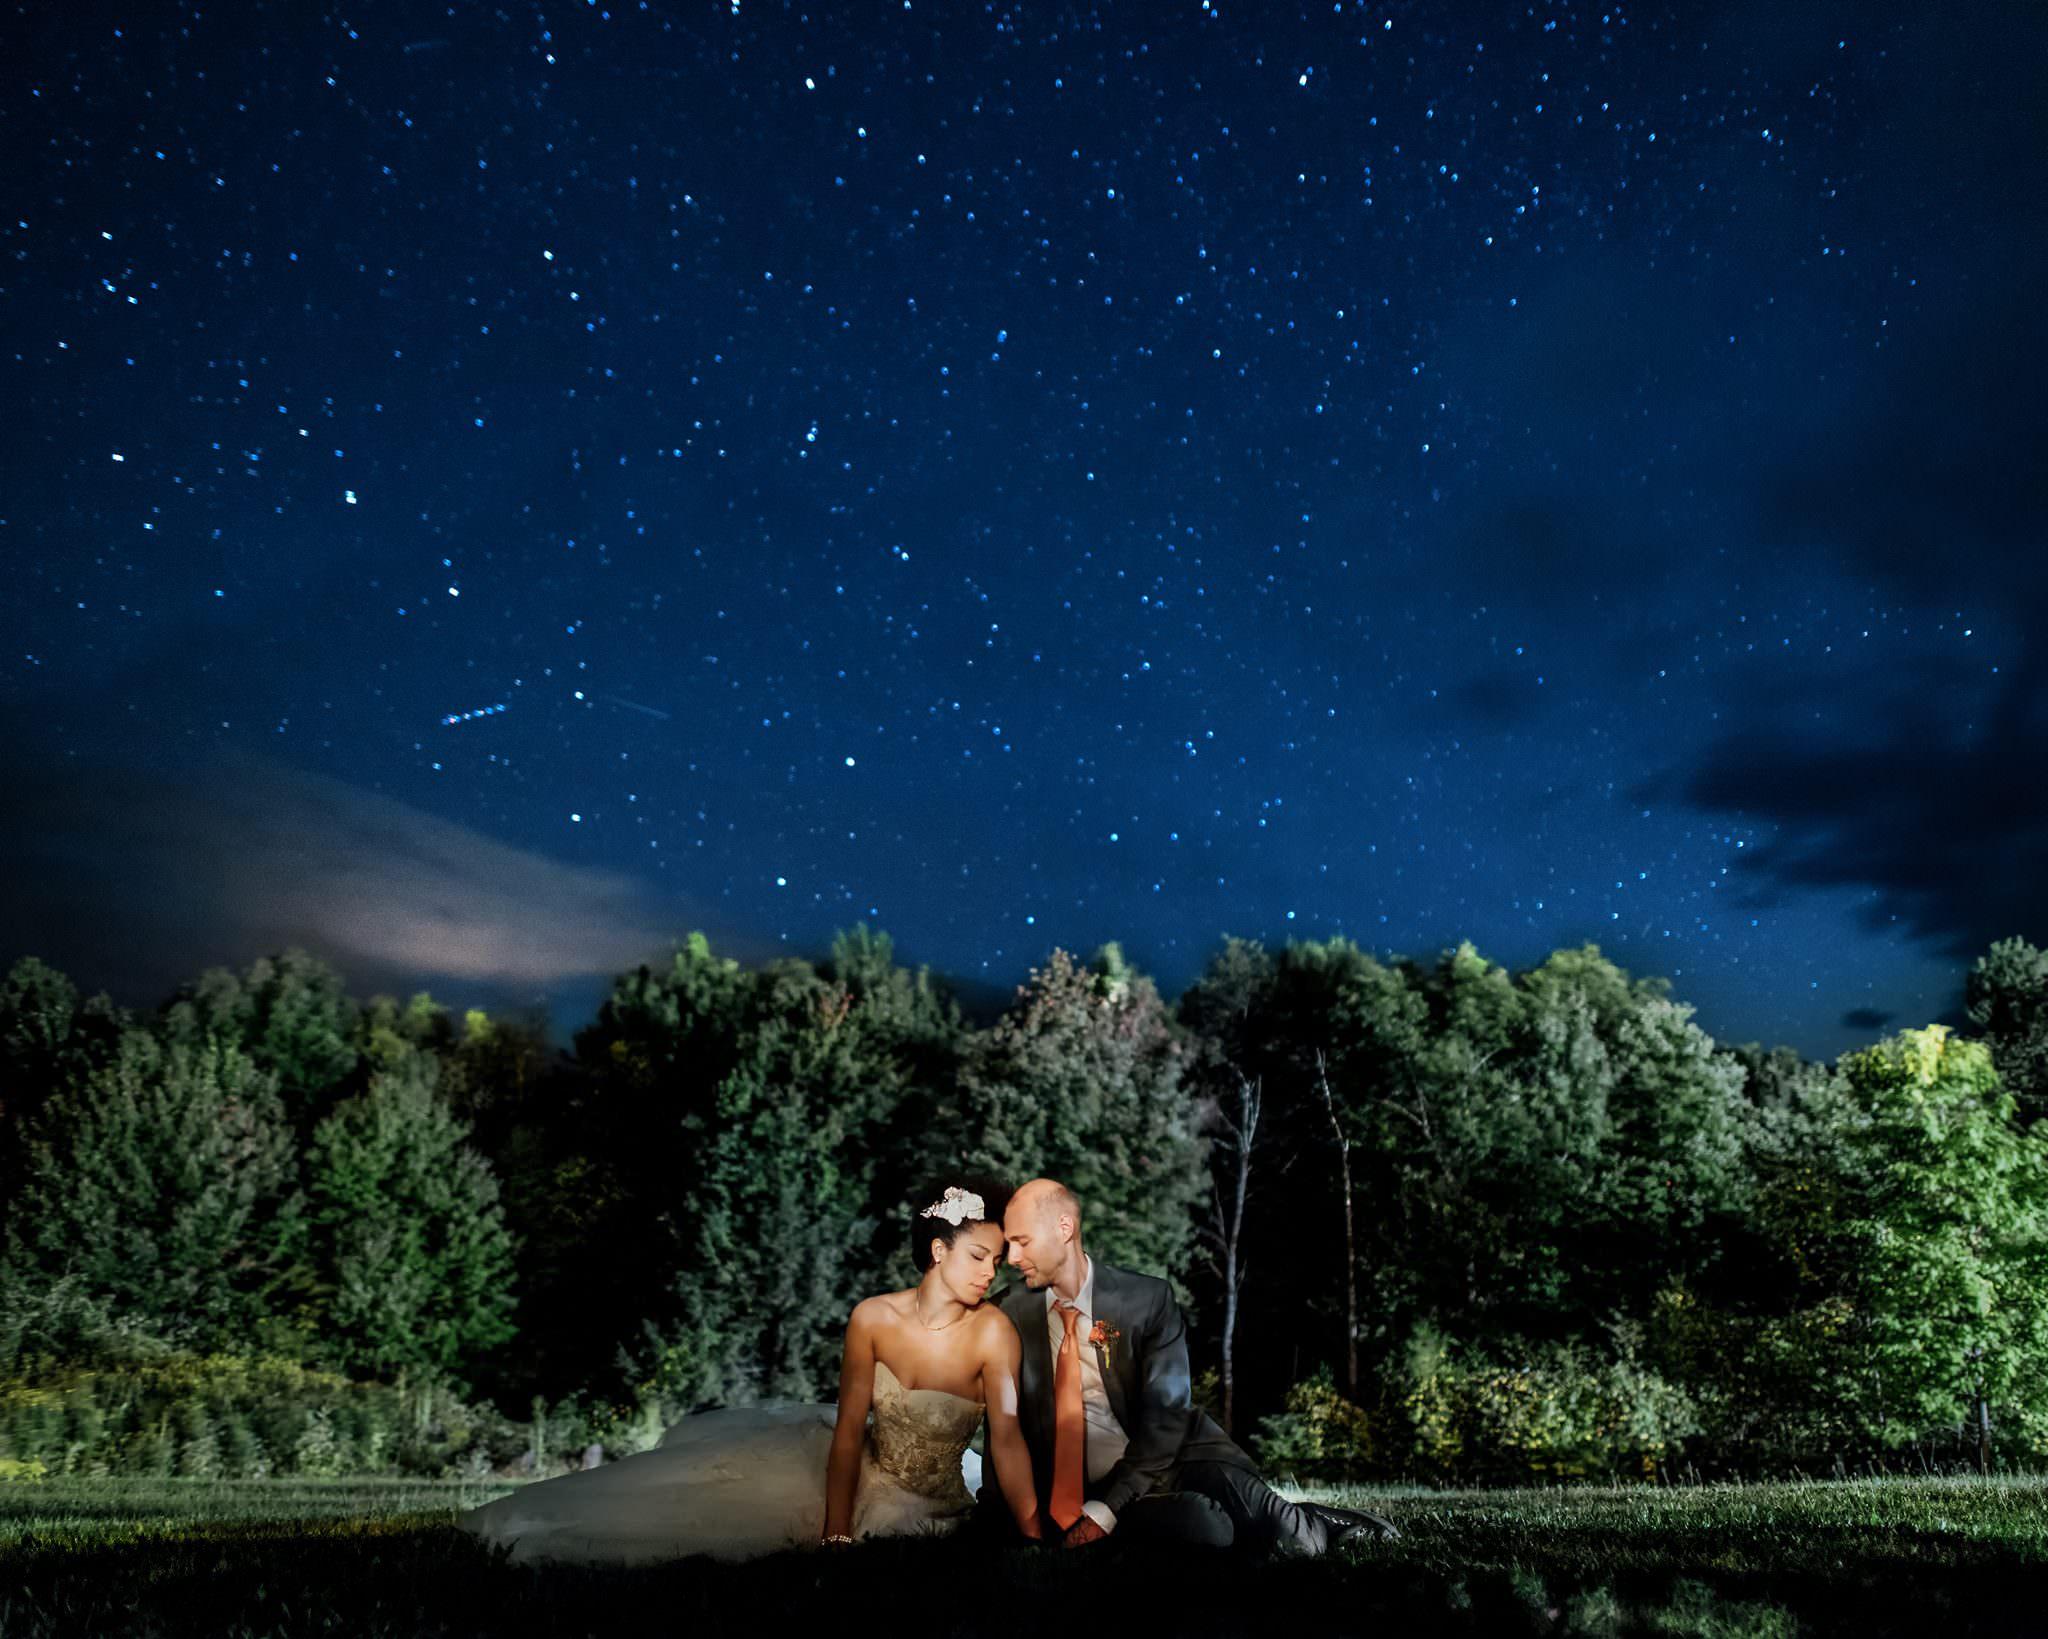 wedding-portrait-under-the-stars